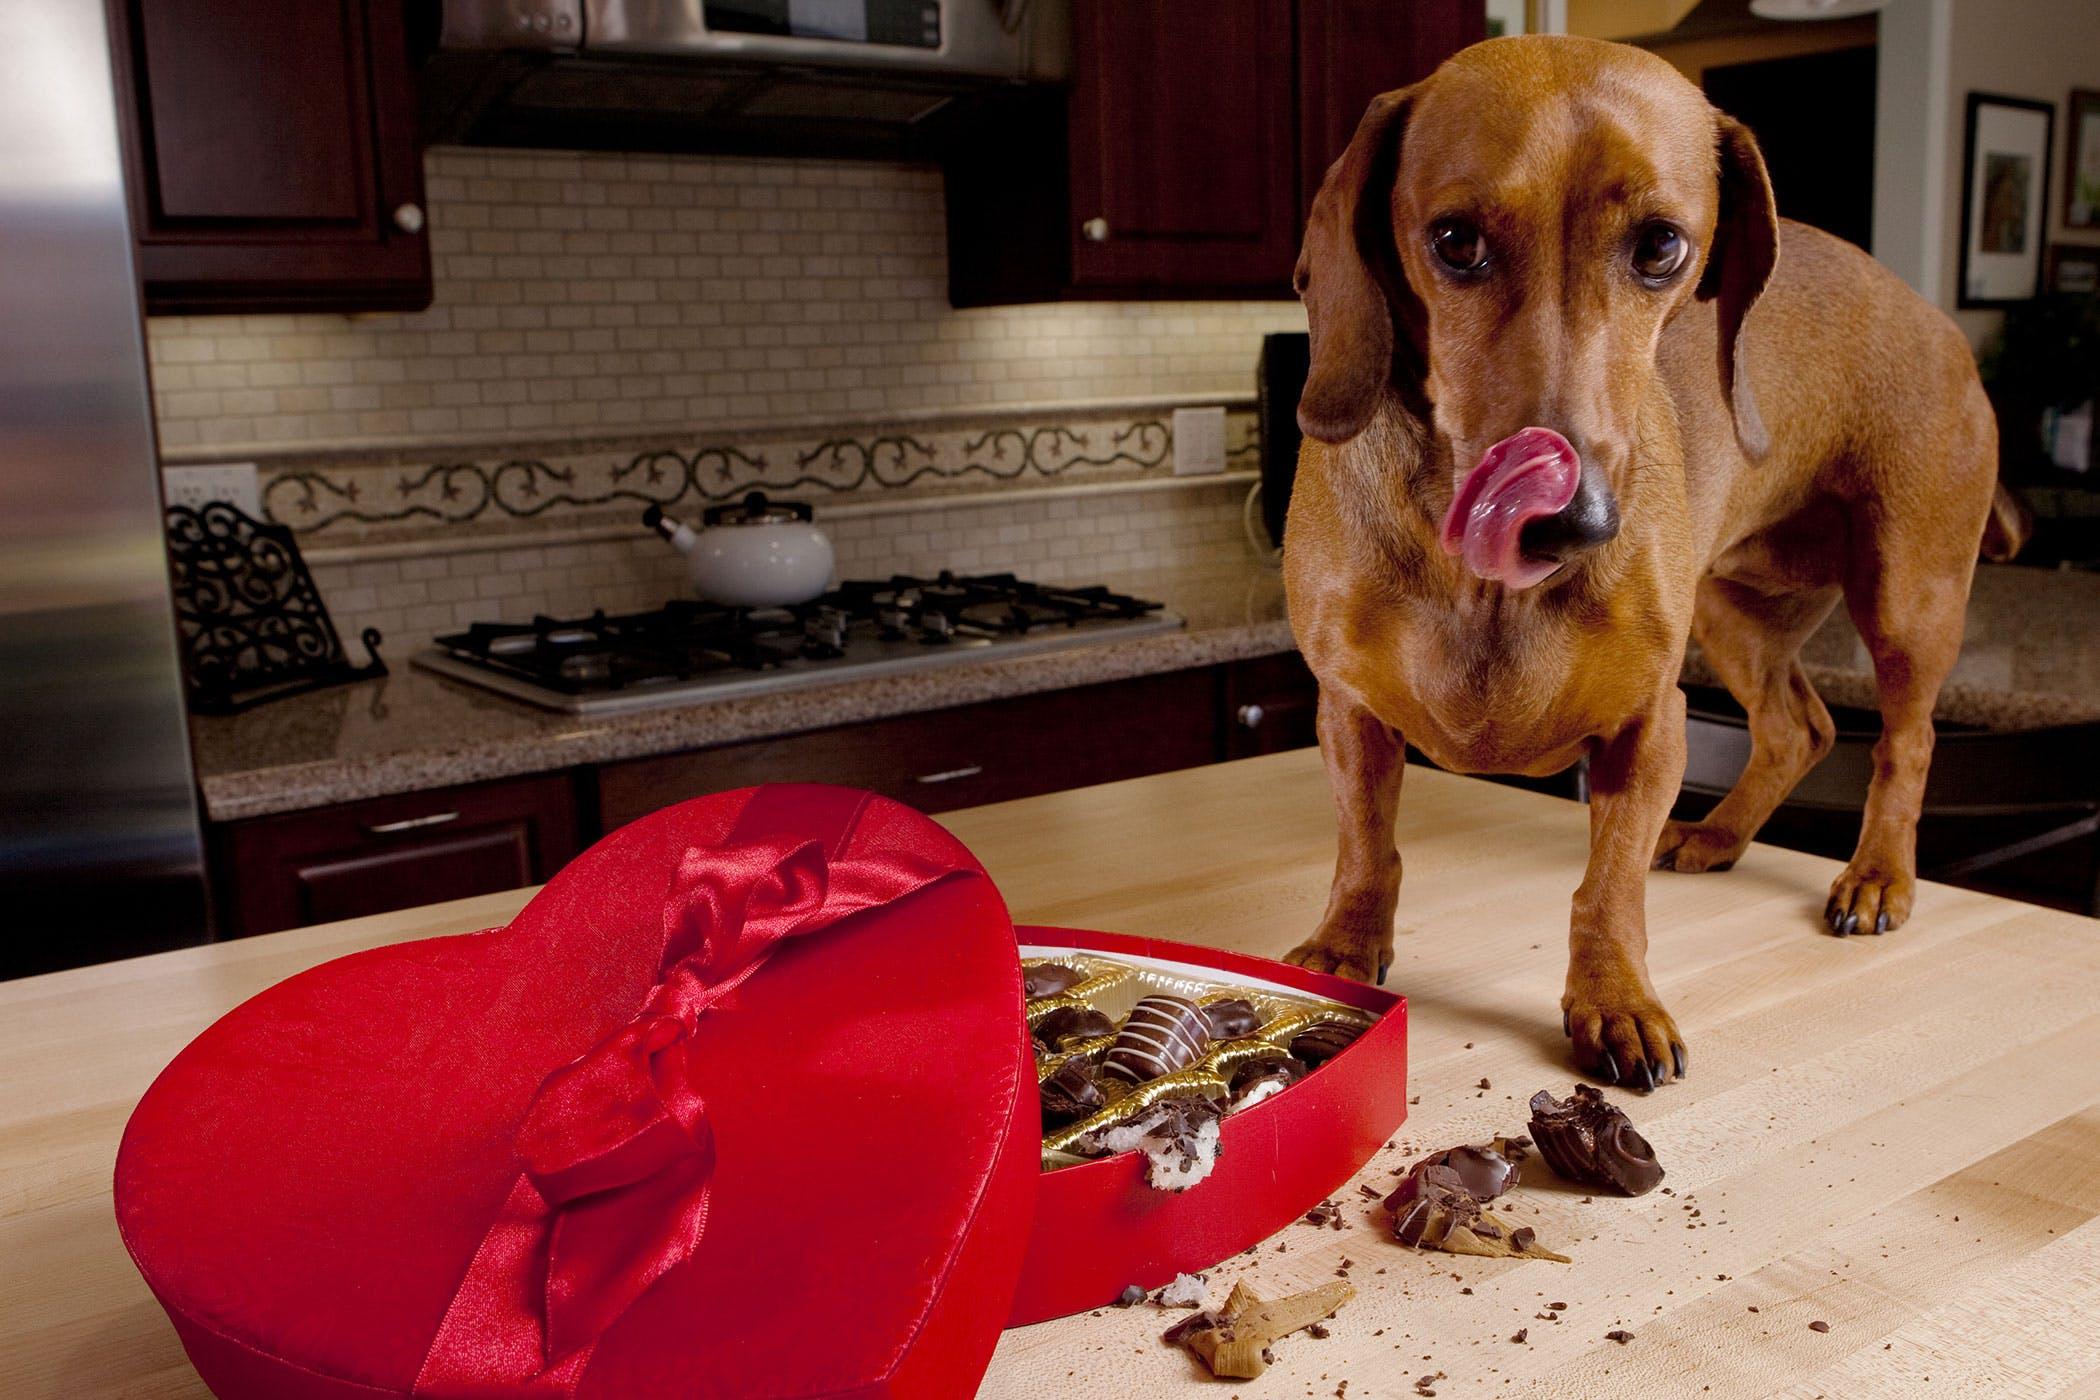 초콜릿은 개에서 신중하게 숨겨야합니다